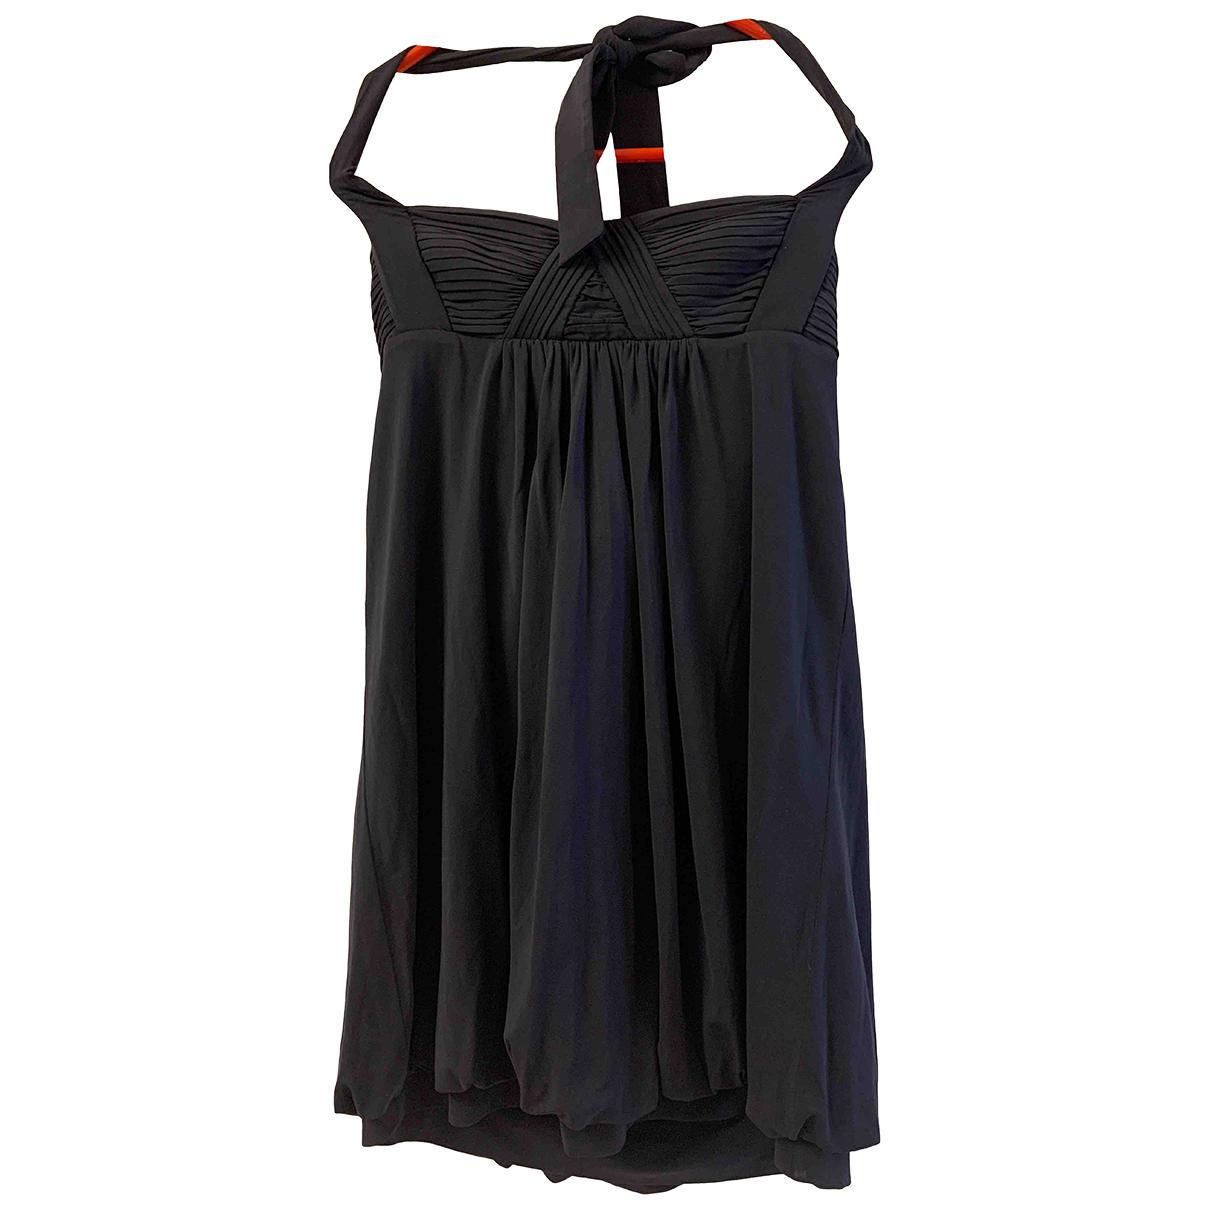 Bcbg Max Azria \N Kleid in  Blau Synthetik